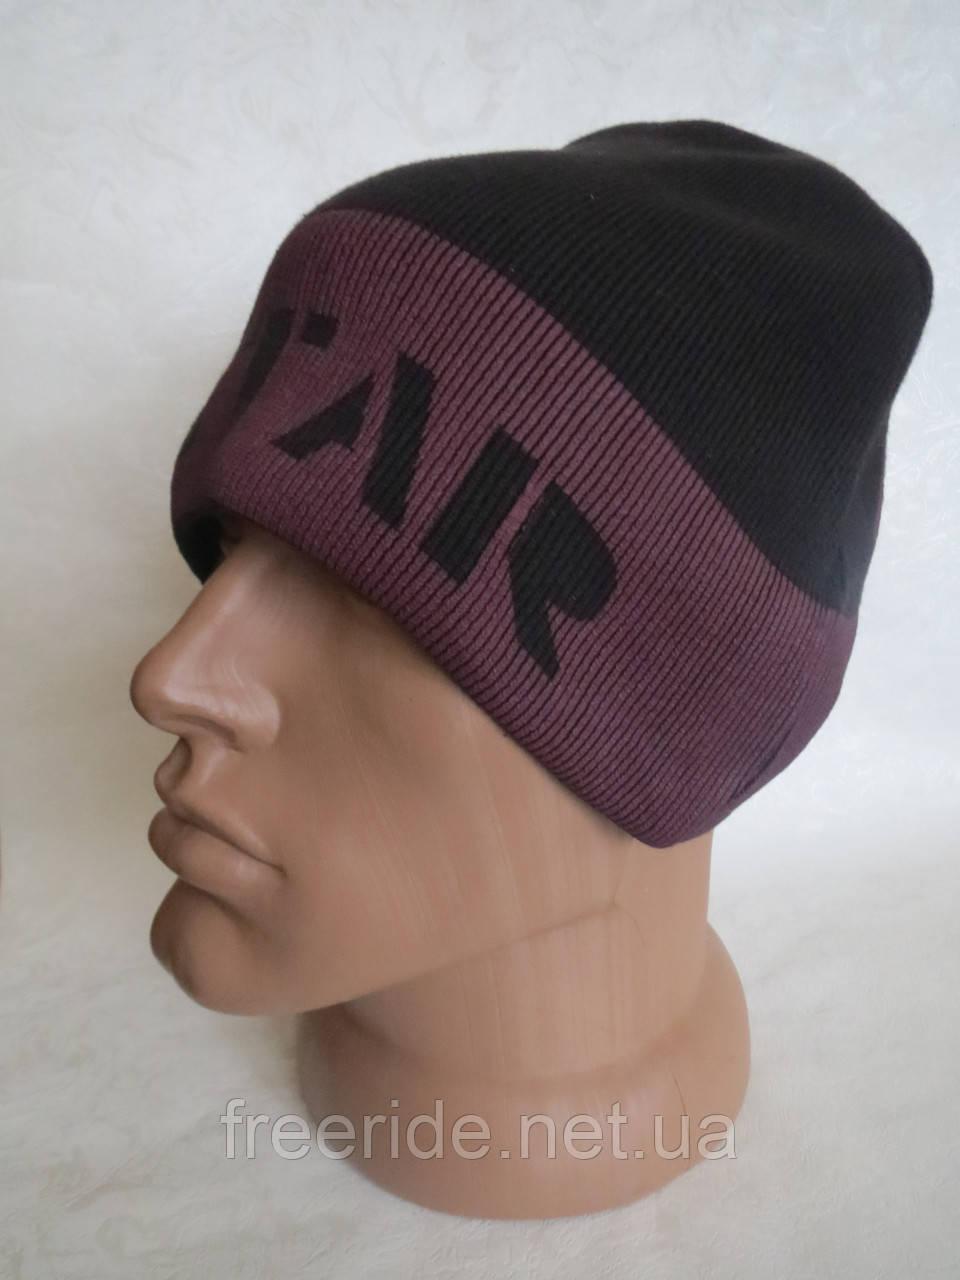 Зимняя шапка HoodStar (унисекс) 54-57